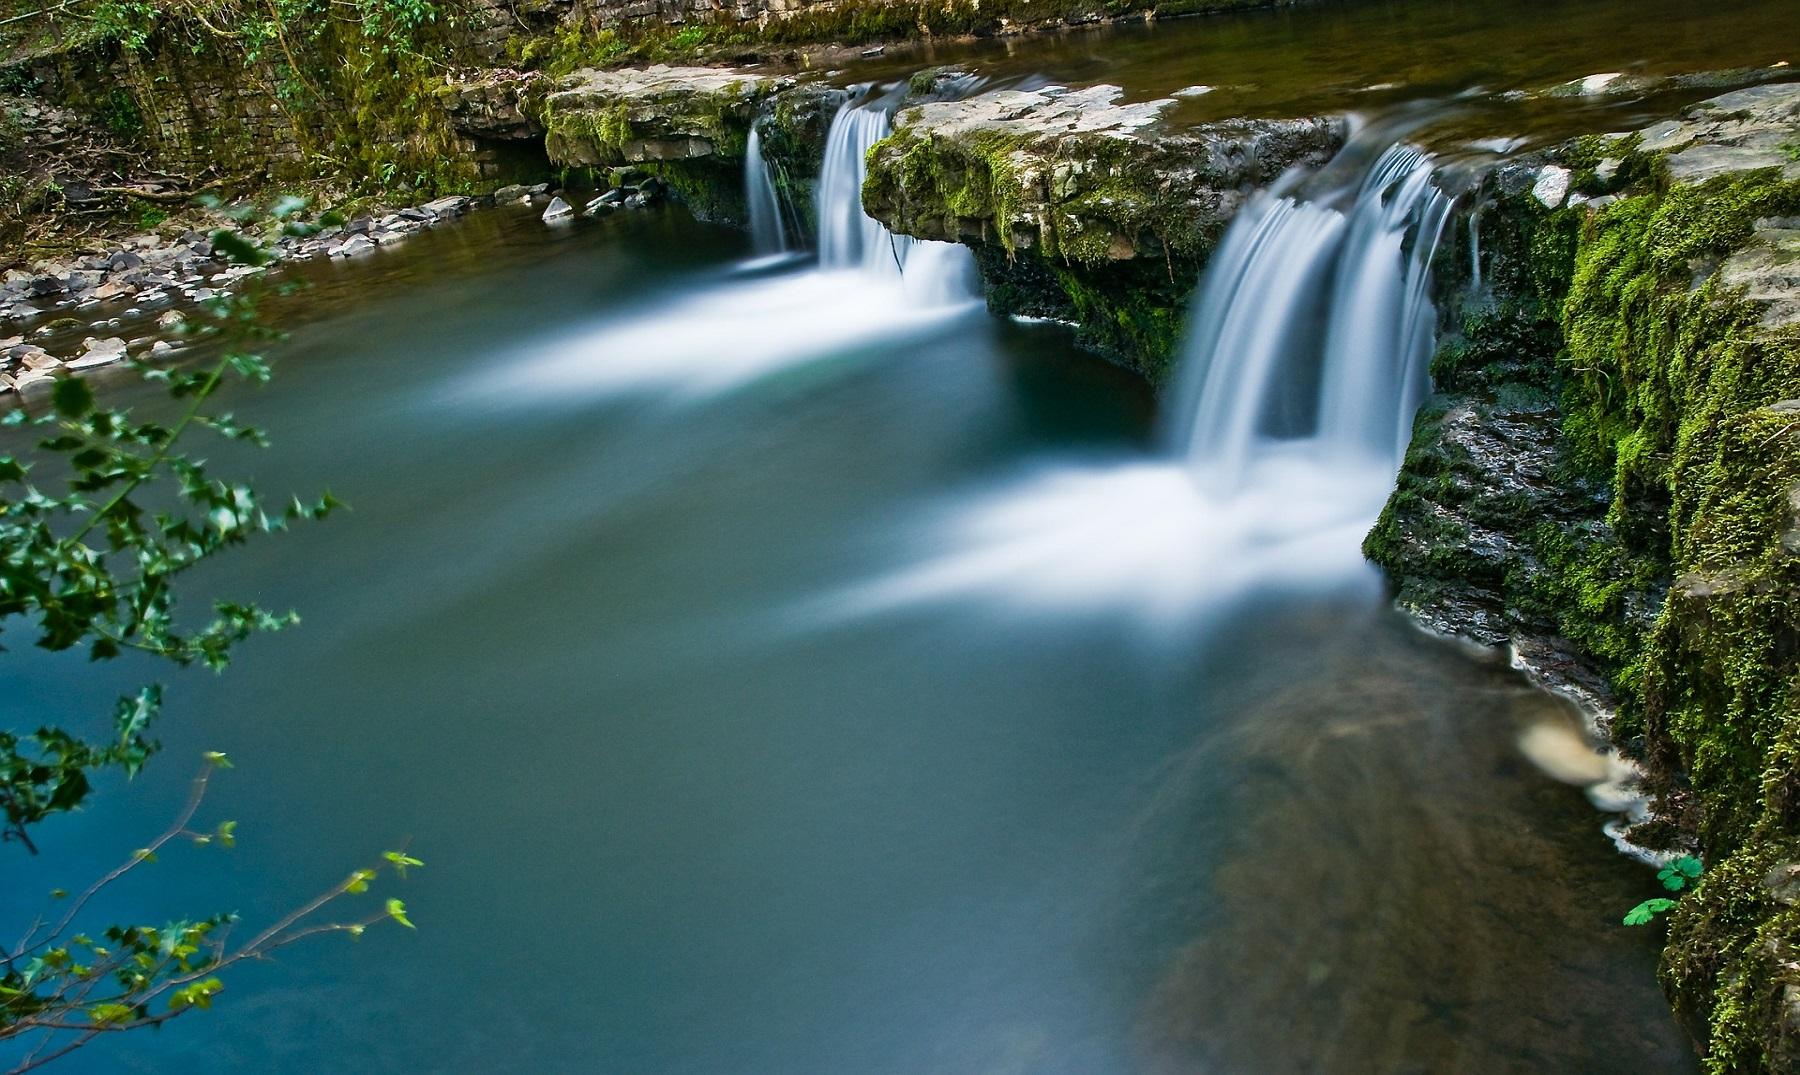 Las 3 mejores piscinas naturales de espa a el viajero feliz - Piscinas naturales espana ...